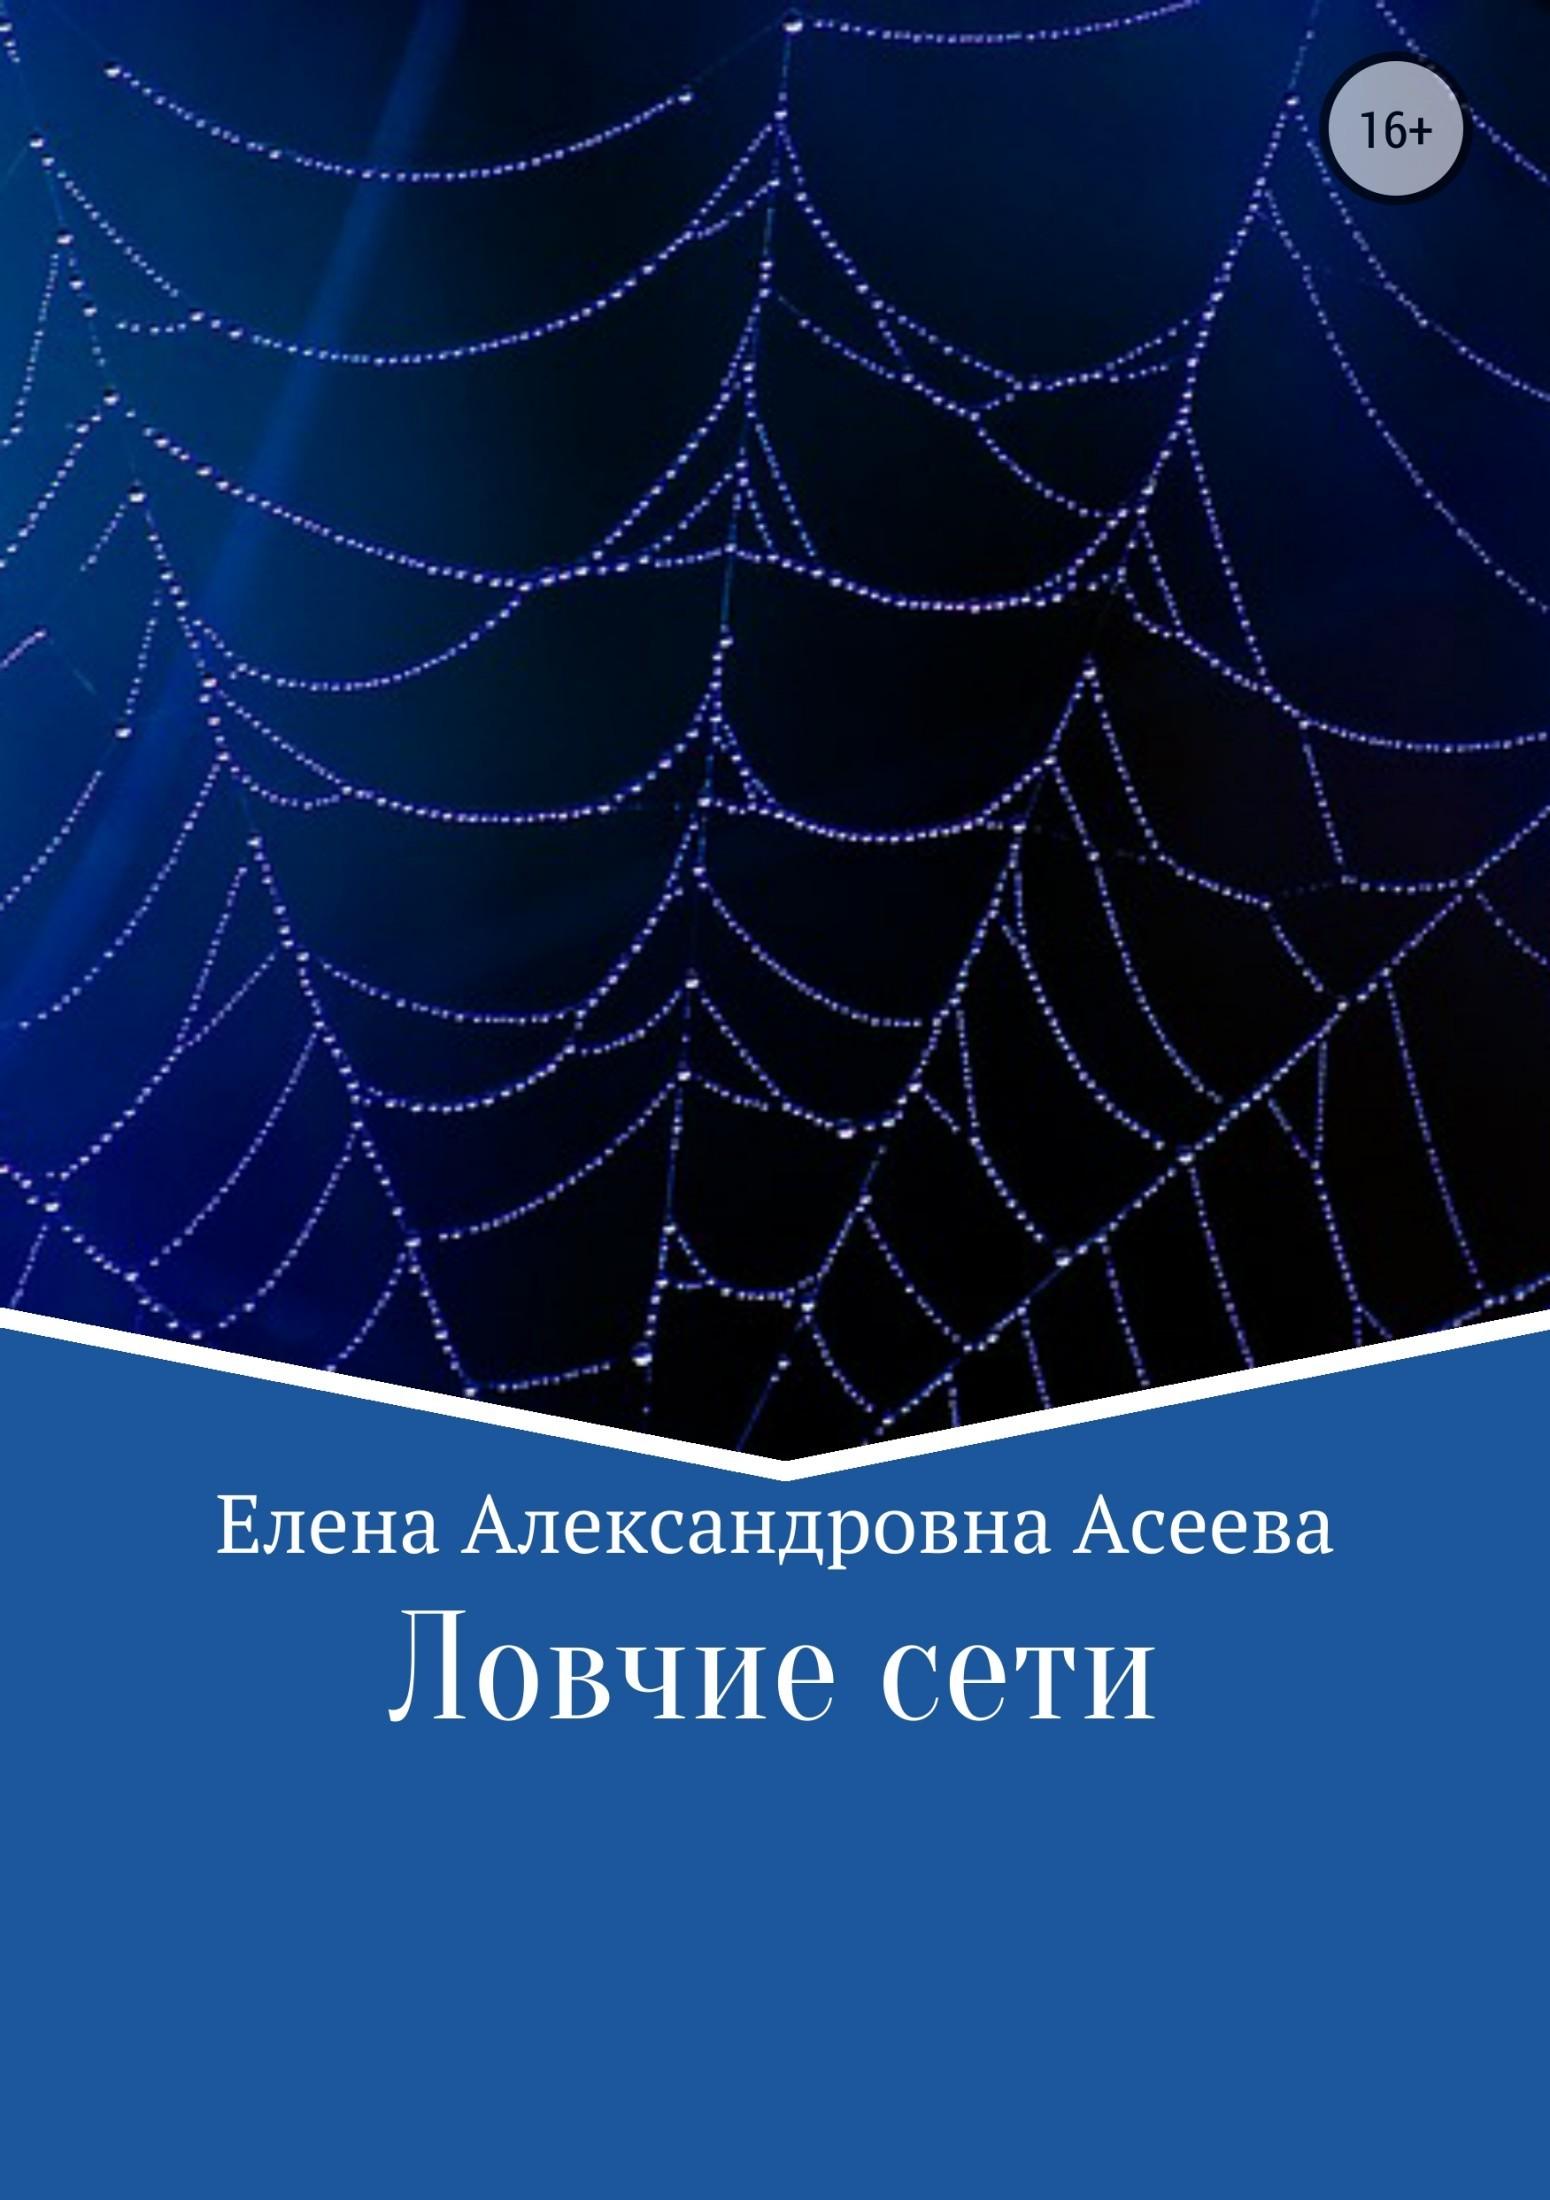 Елена Асеева - Ловчие сети